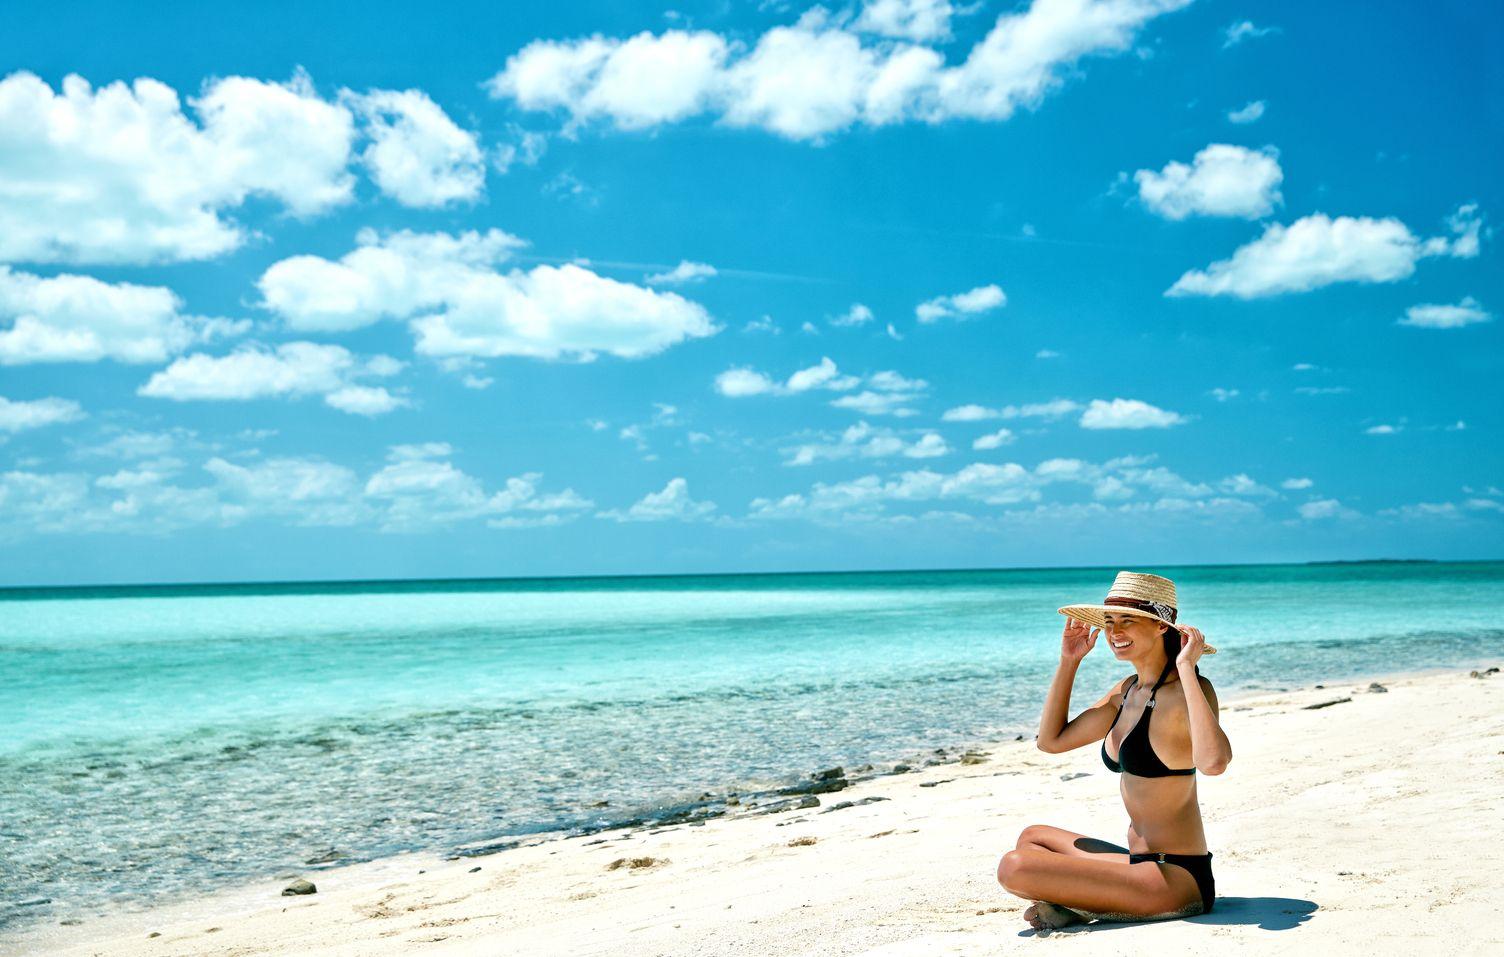 Frau sitzt am Strand mit Sonnenhut auf. Das Meer ist klar. Sie hält ihren Hut fest.